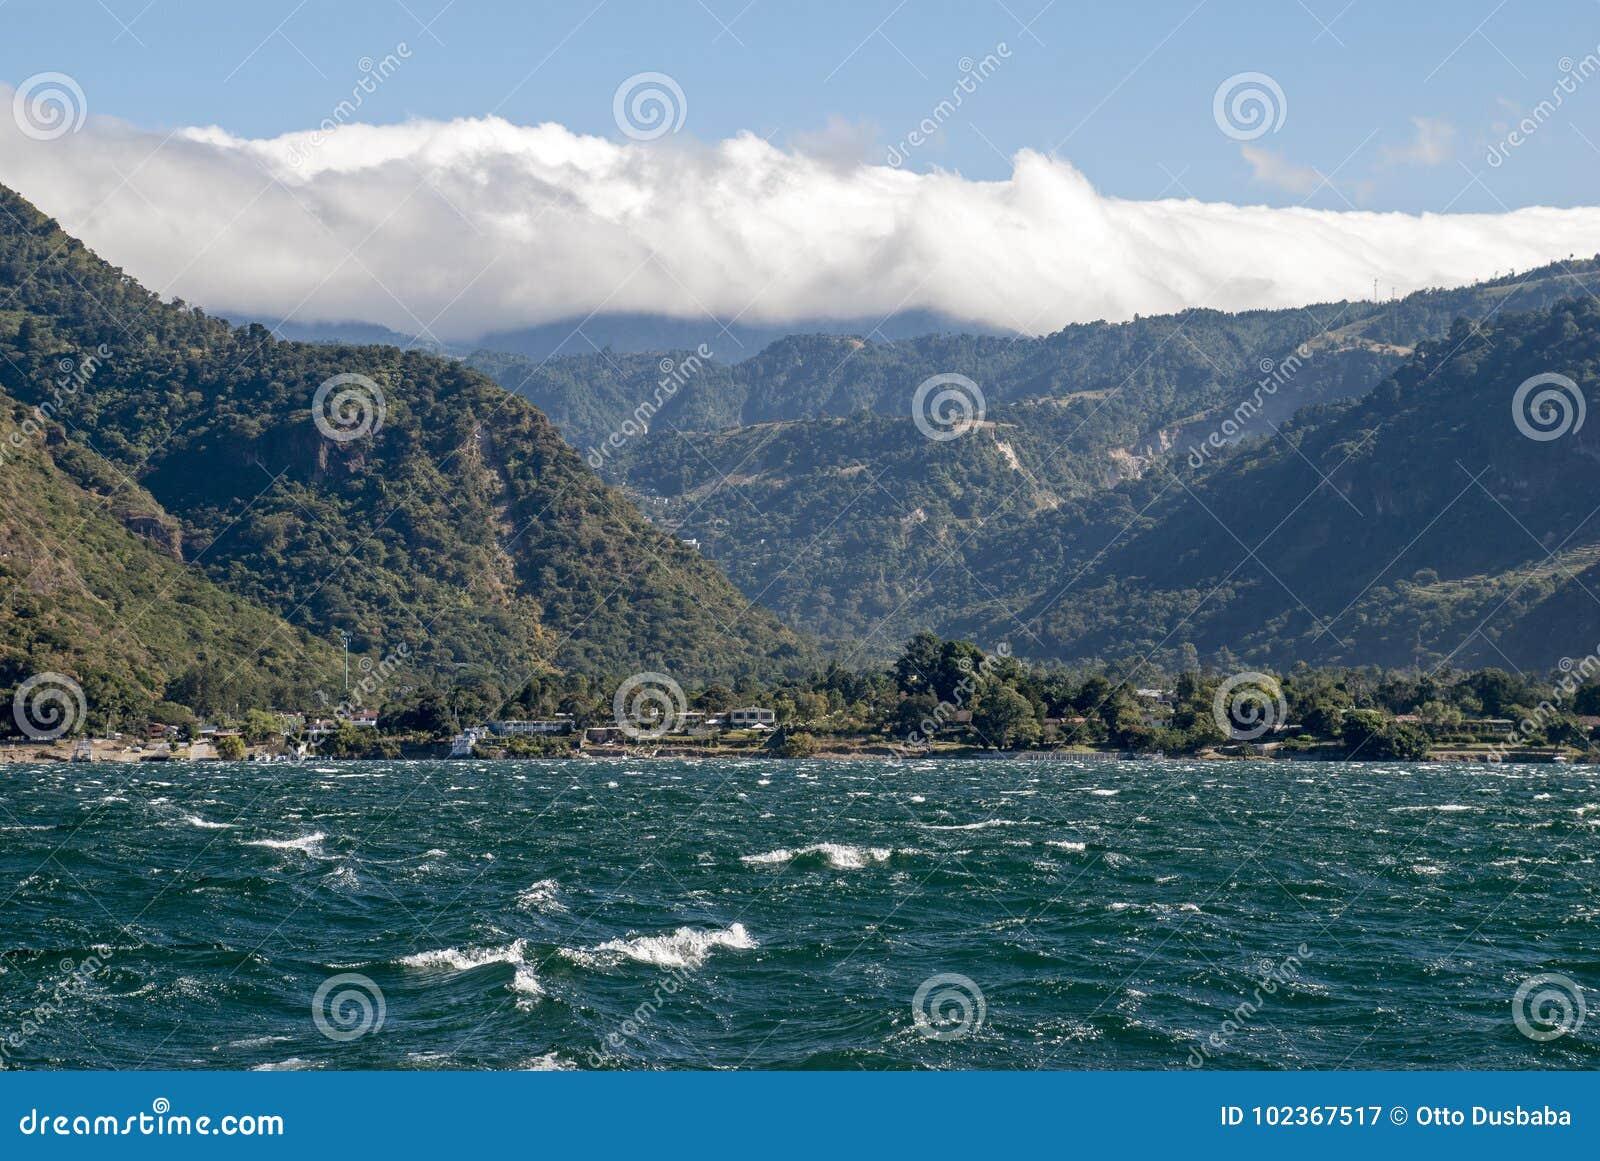 Lac Atitlan avec la sierra montagnes de Madre